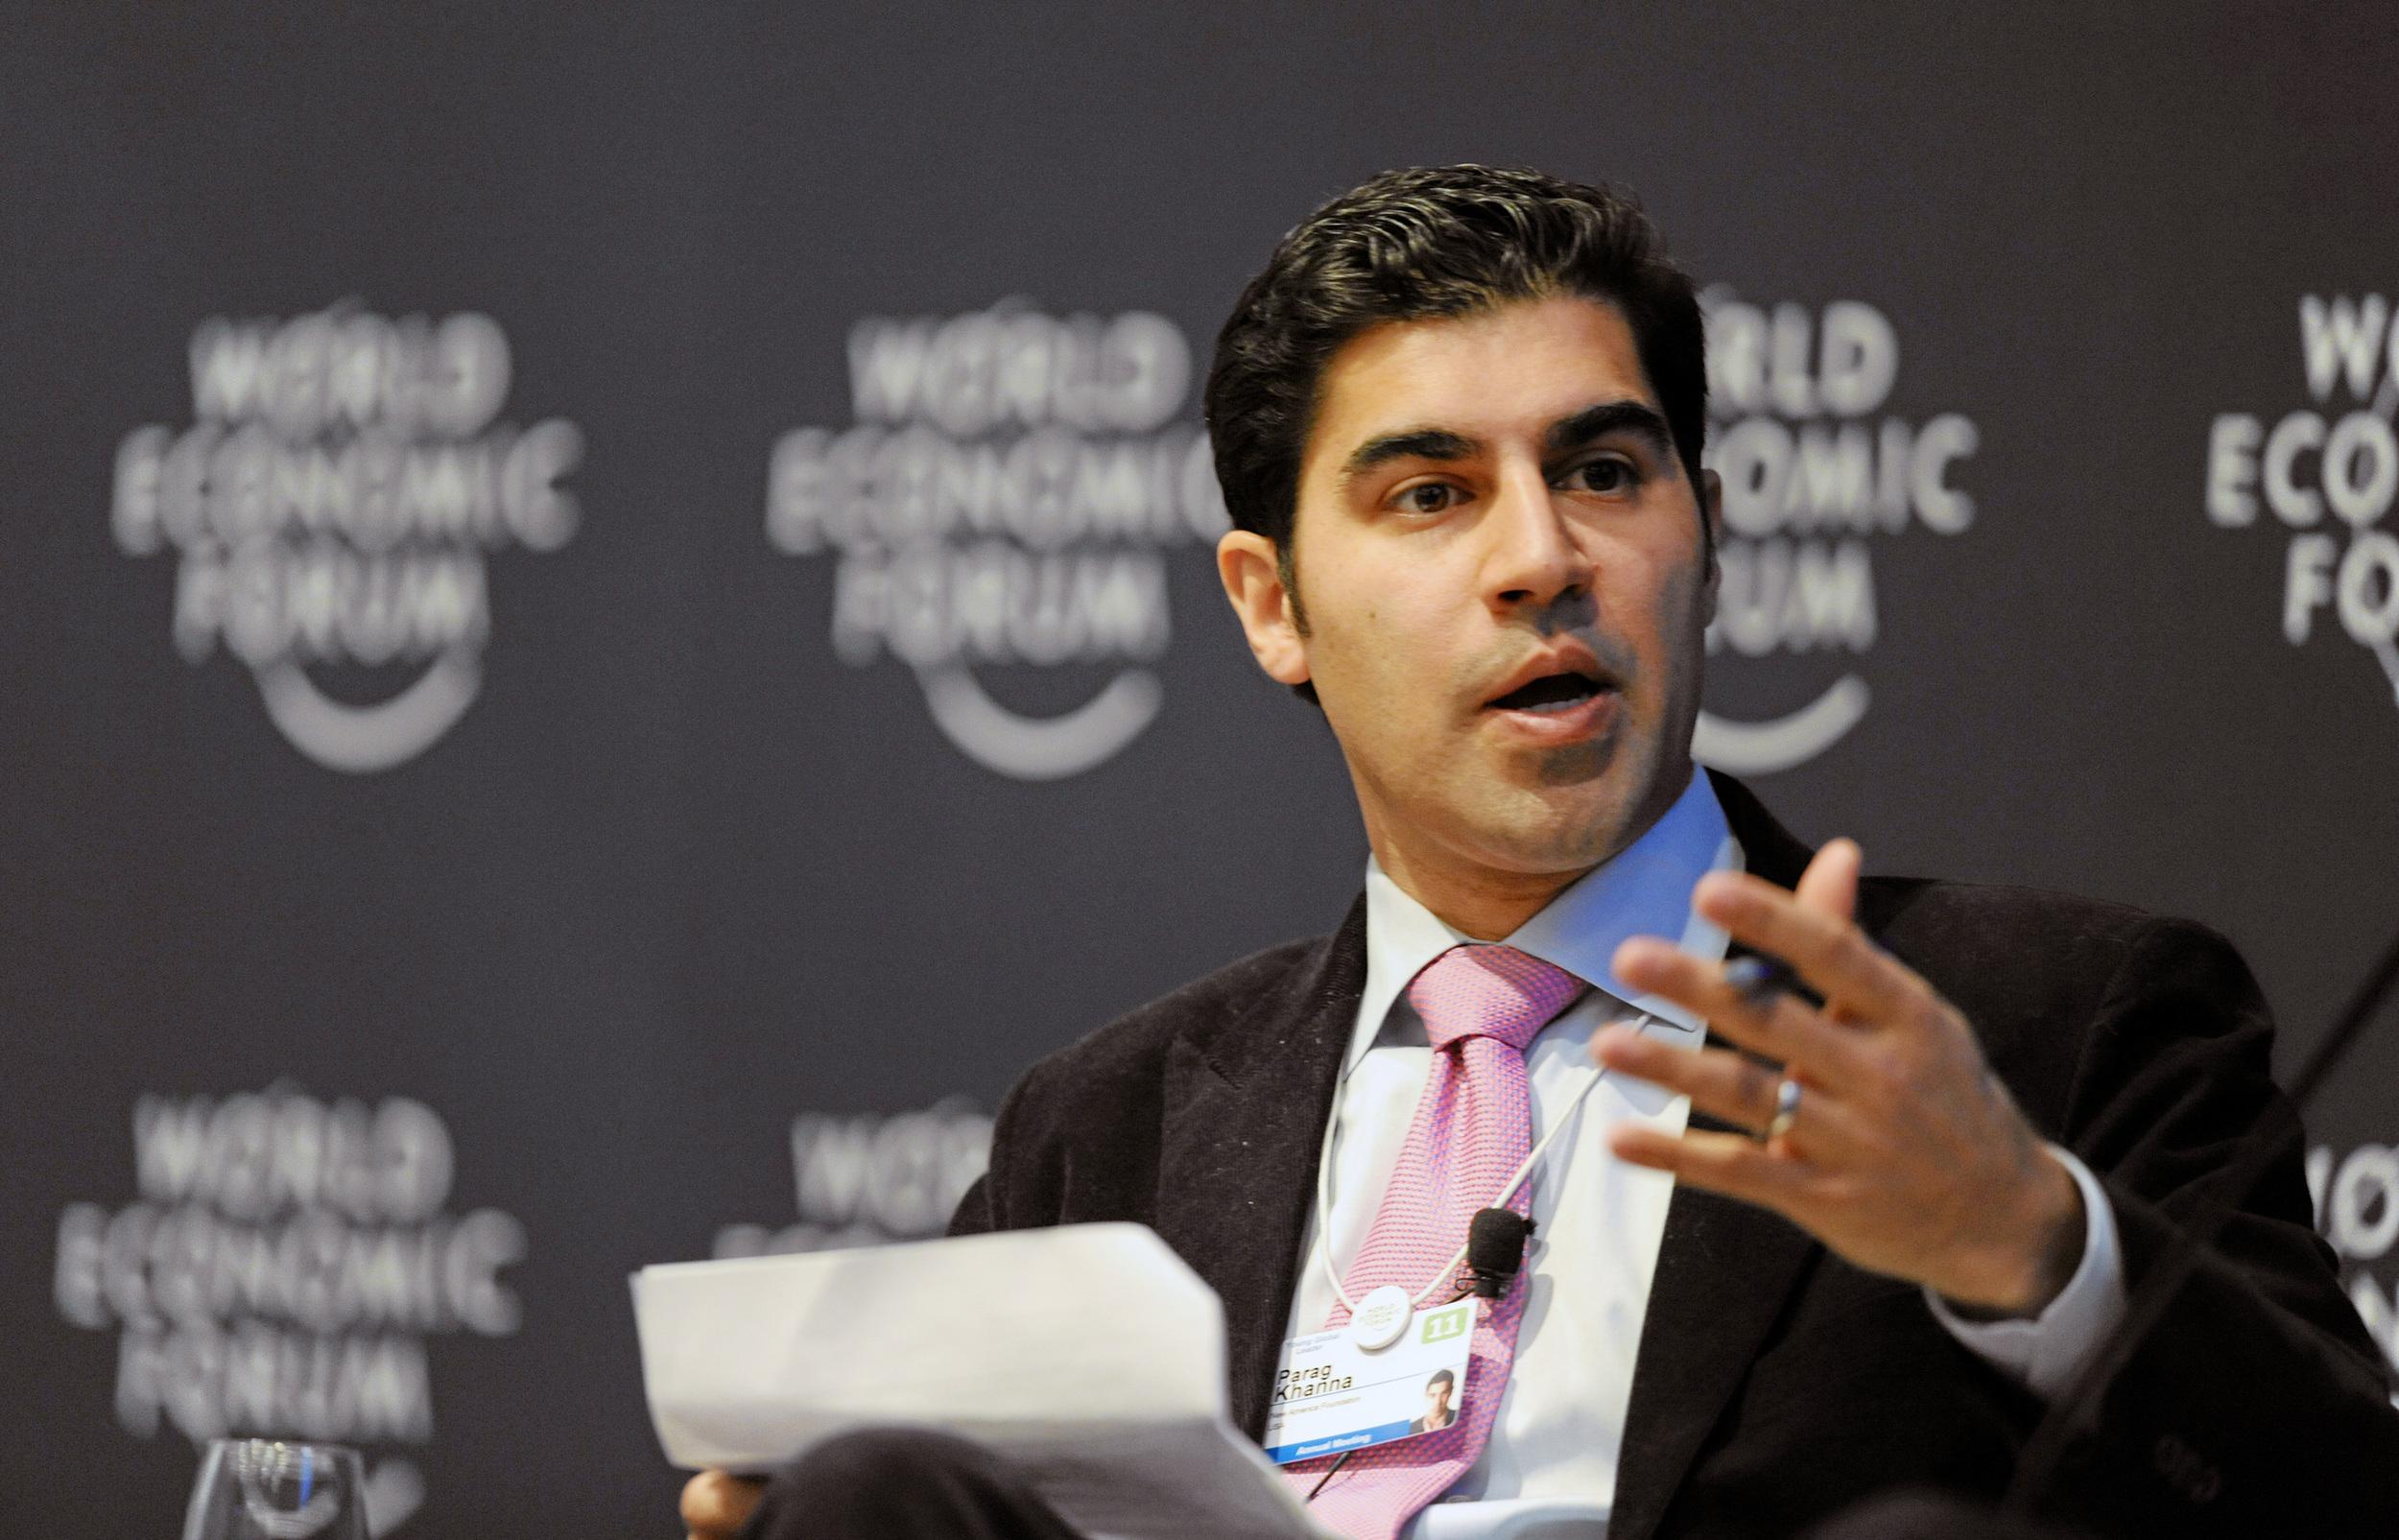 Parag Khanna Author Keynote Speaker Davos 2011